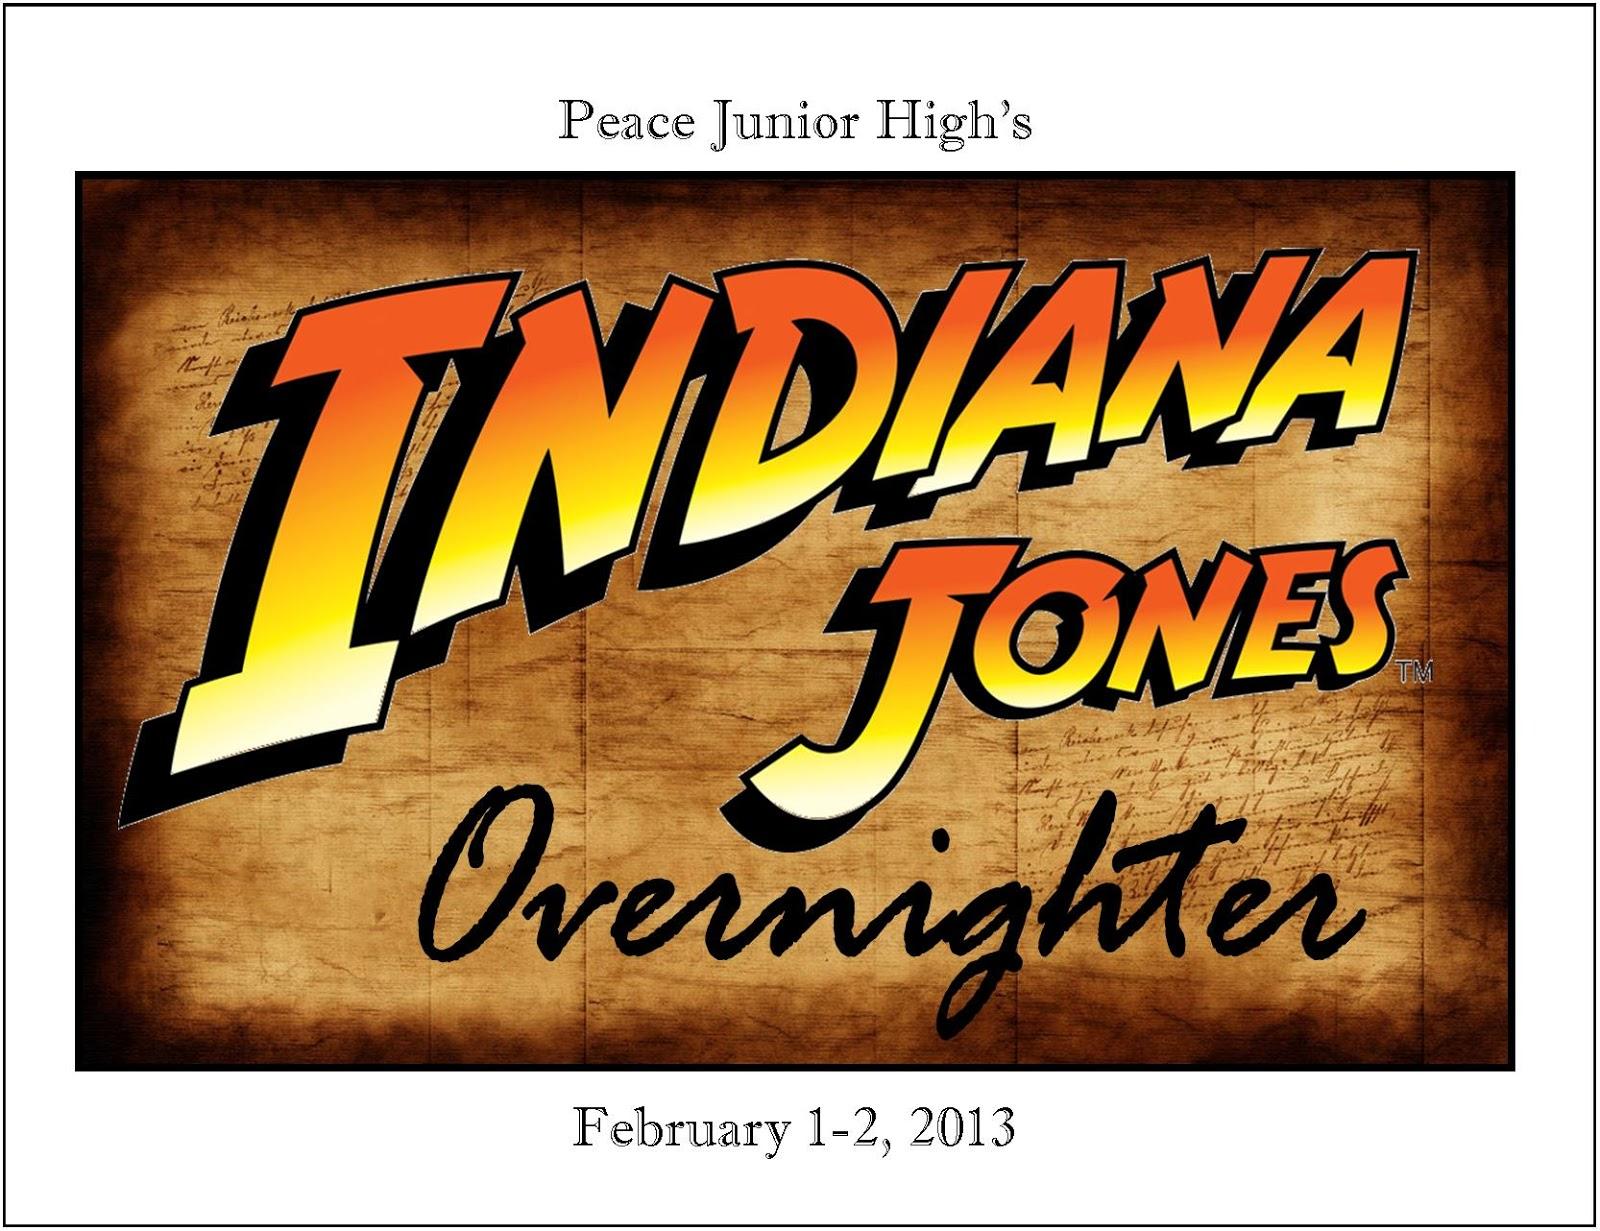 http://1.bp.blogspot.com/-M7qLGdUEyC8/UQmNu8b_oQI/AAAAAAAAAOg/Um6eQObs5hA/s1600/Indiana+Jones.jpg